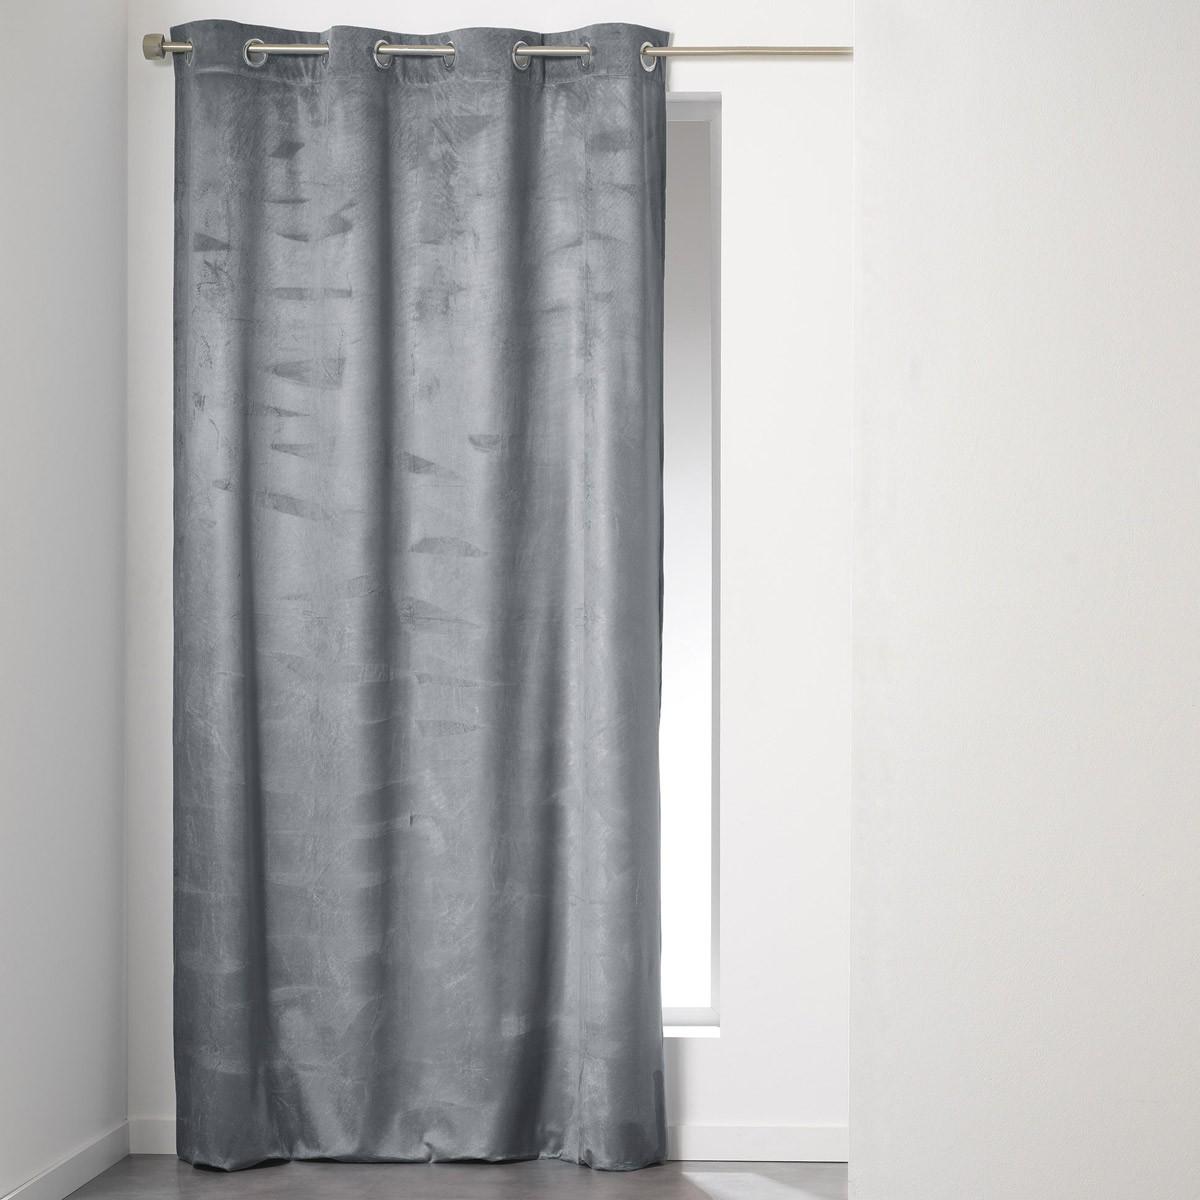 Κουρτίνα (140×240) Με Τρουκς Romantic Anthracite 1605434